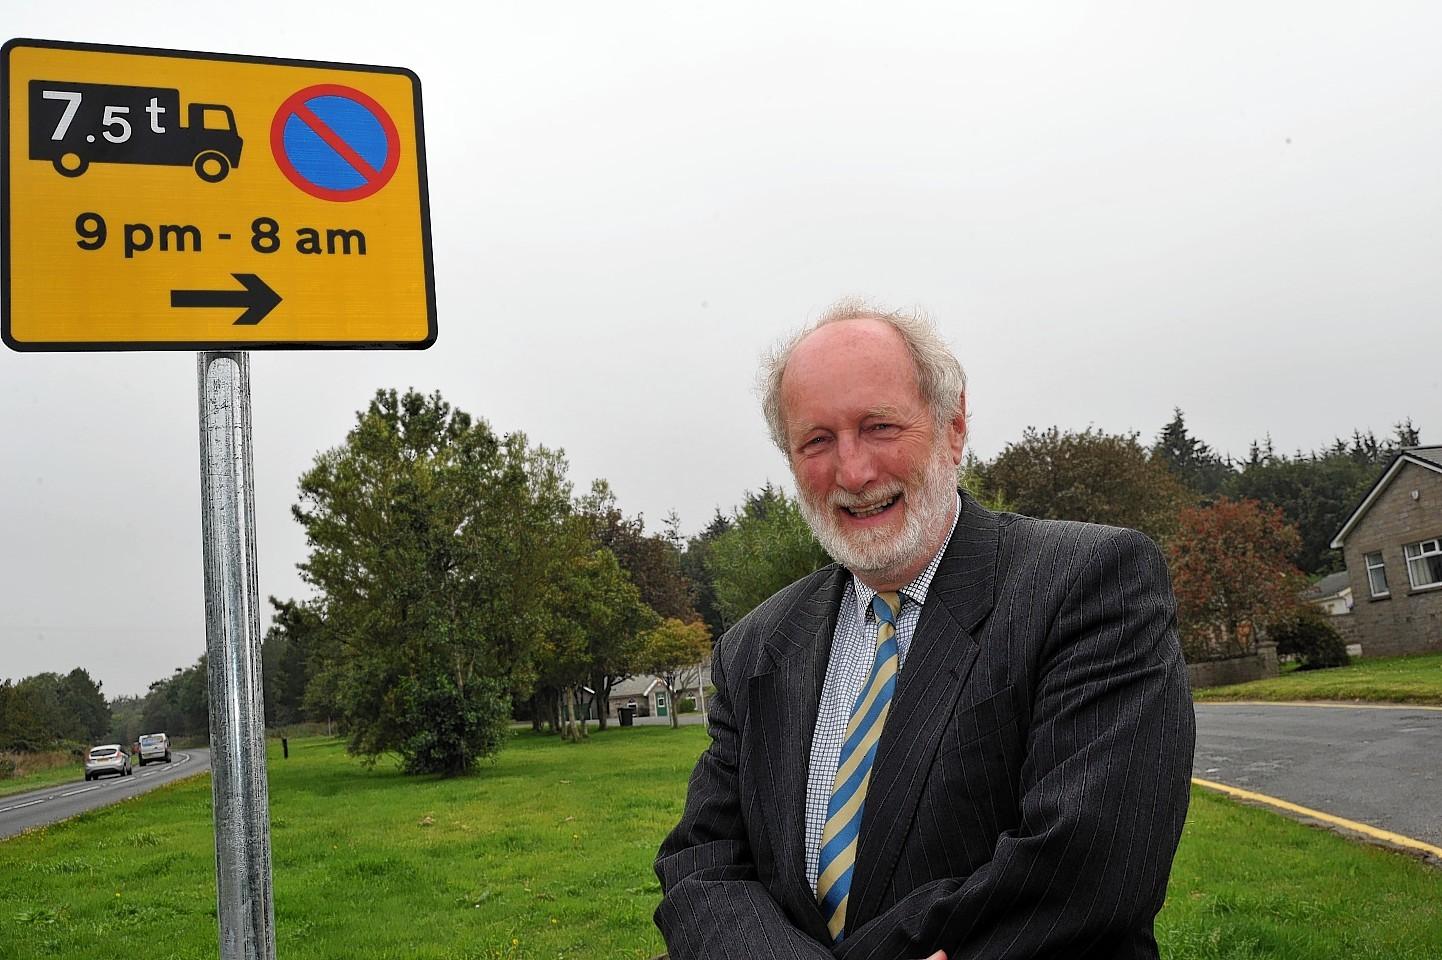 Councillor Charles Buchan